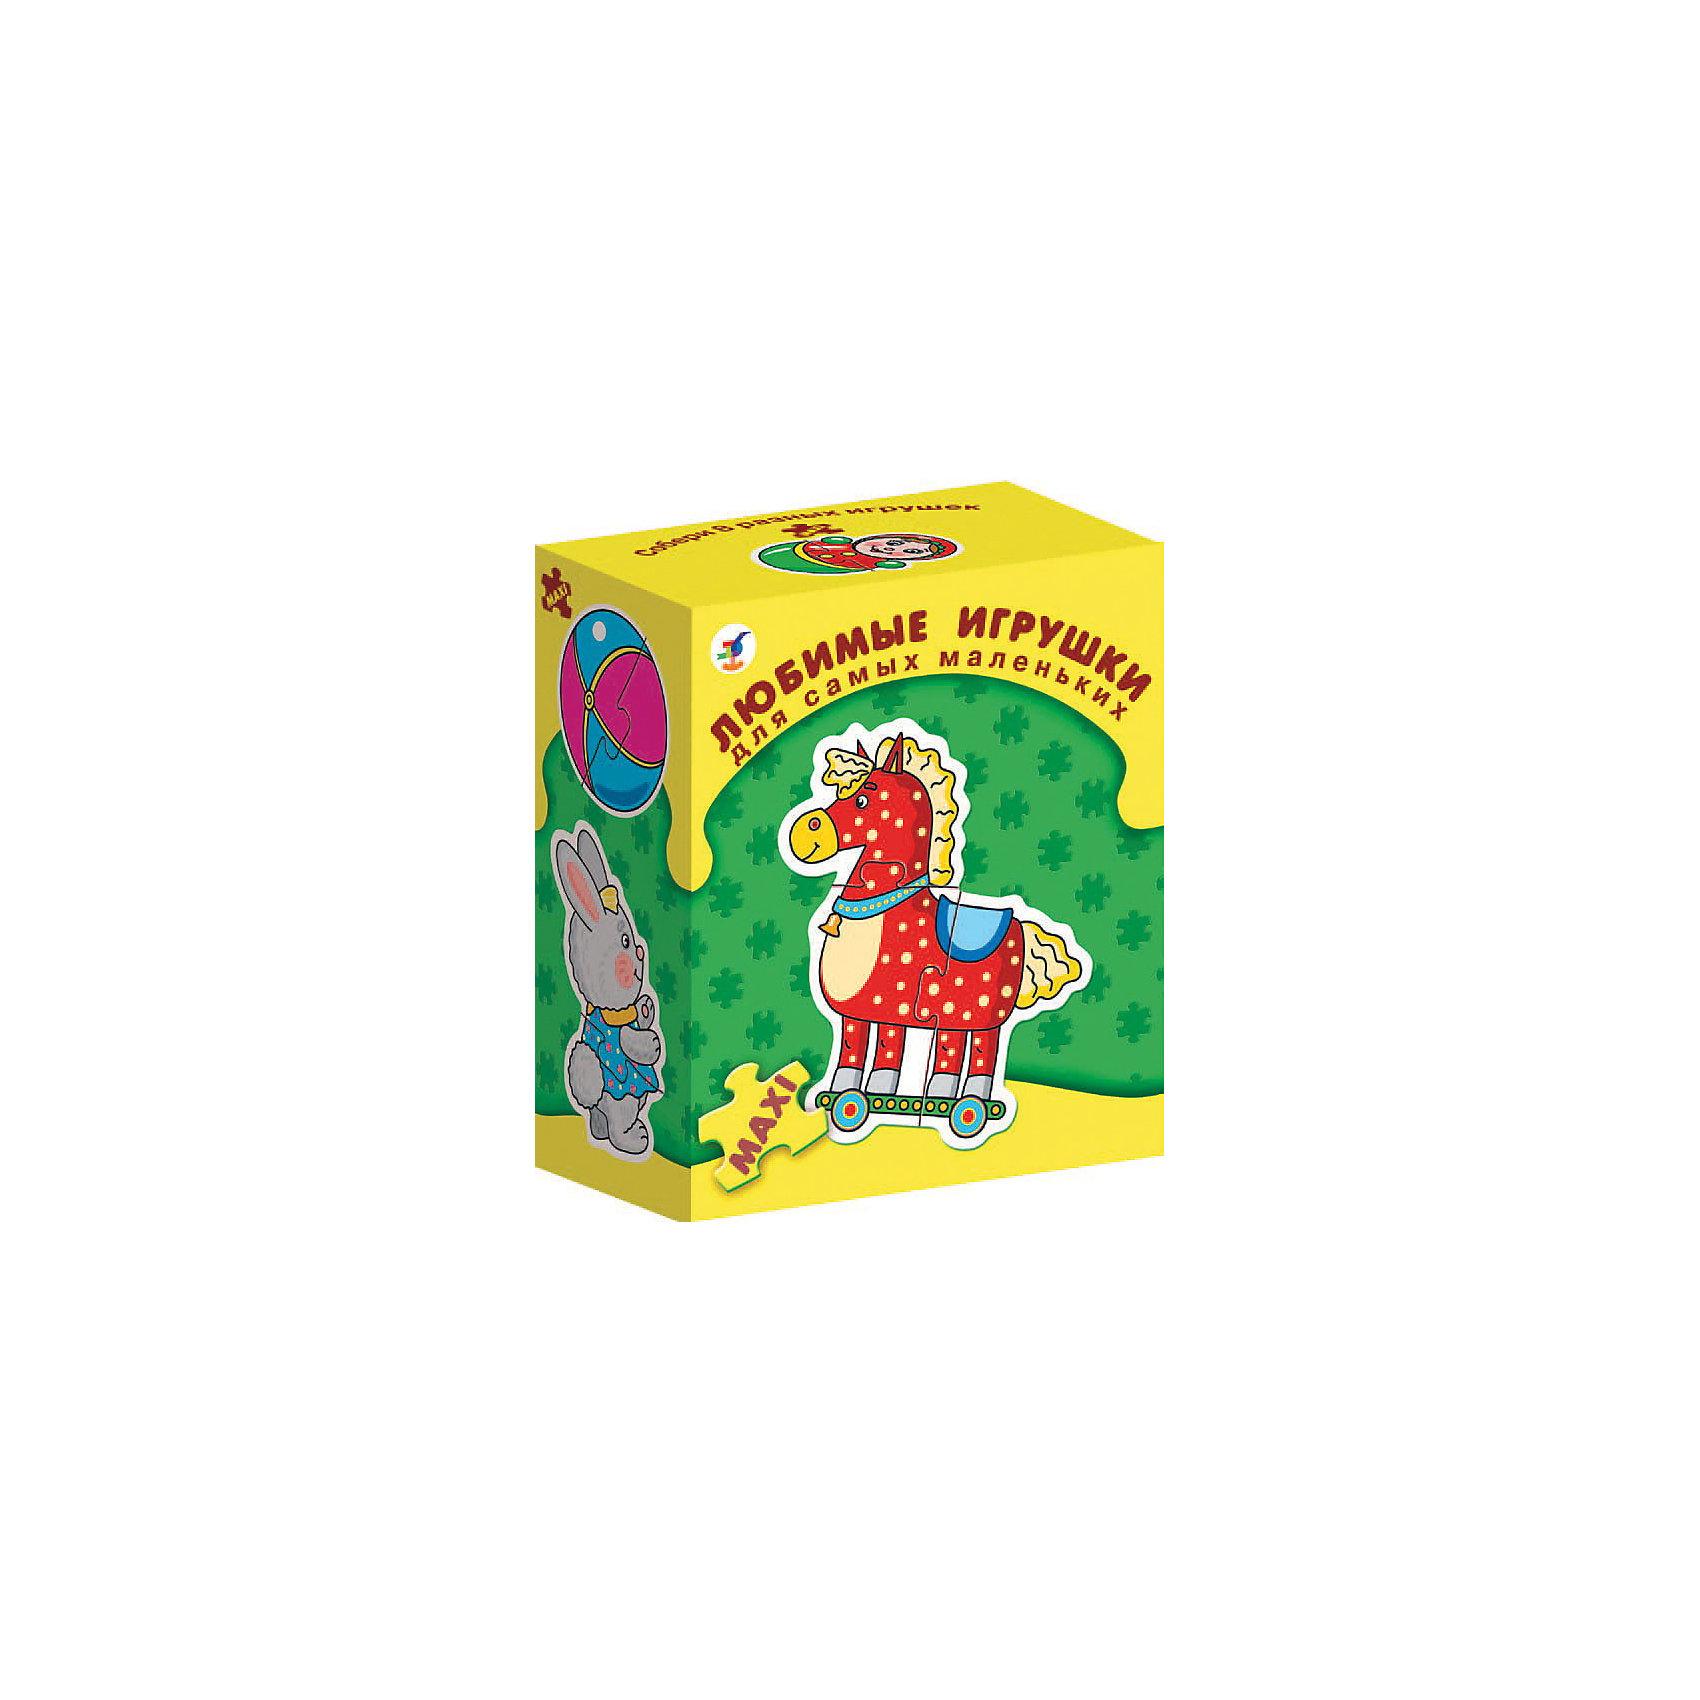 Дрофа-Медиа Дрофа-Медиа Любимые игрушки. Серия Для самых маленьких дрофа медиа сделай сам павлин жираф брелок